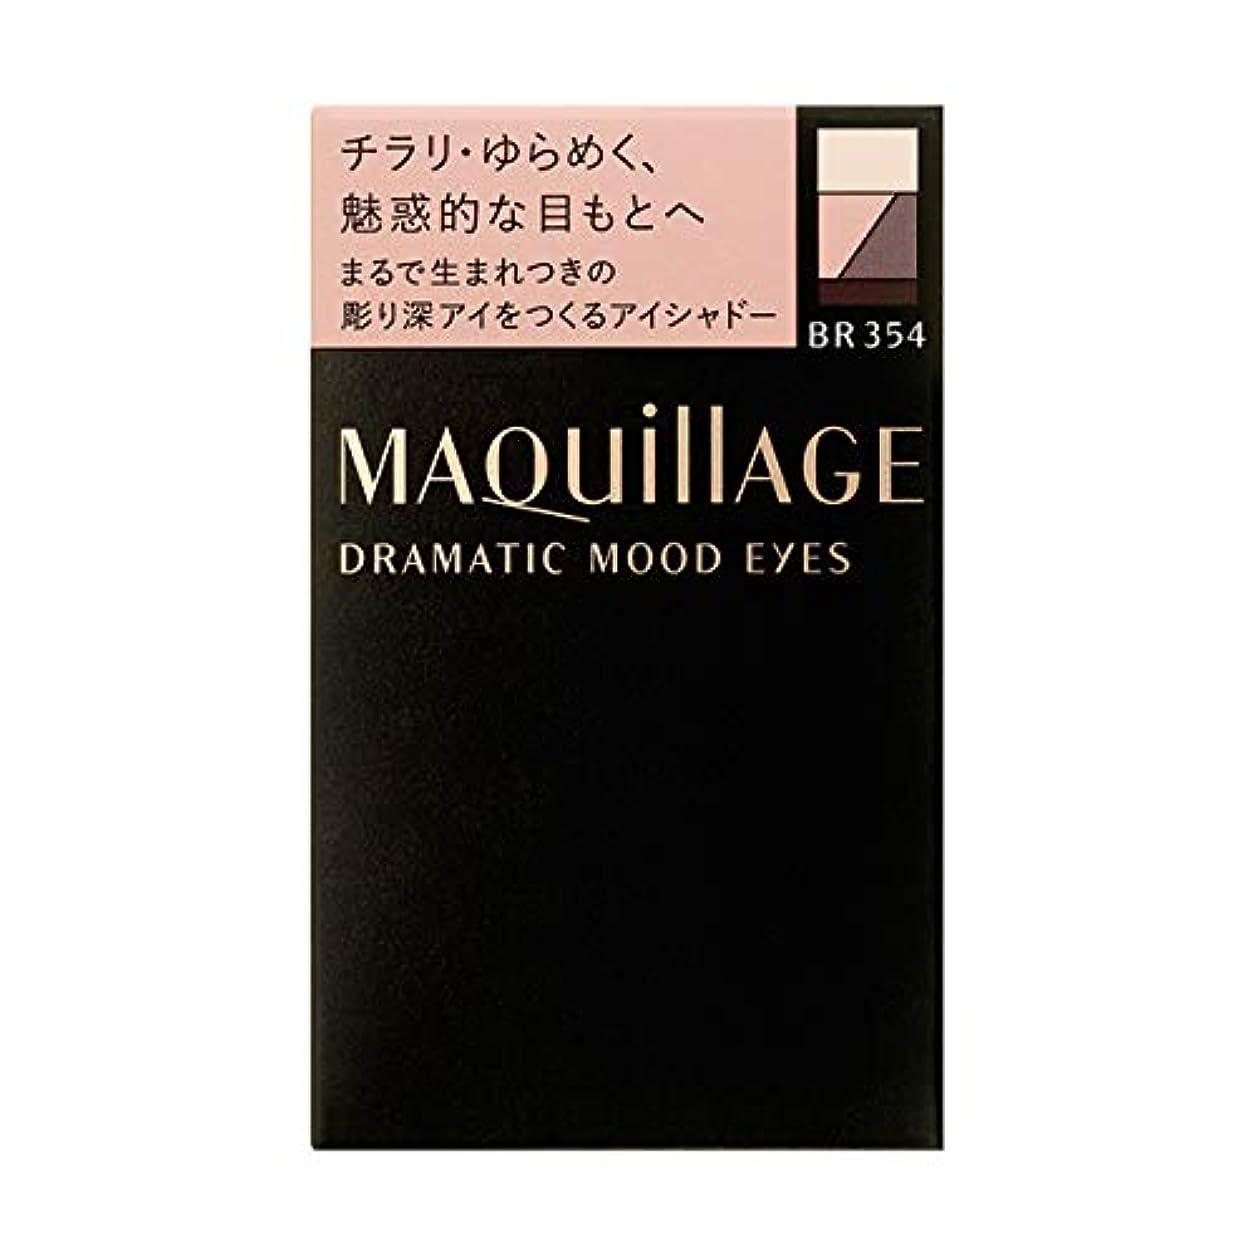 産地設計幻影マキアージュ ドラマティックムードアイズ BR354 3g